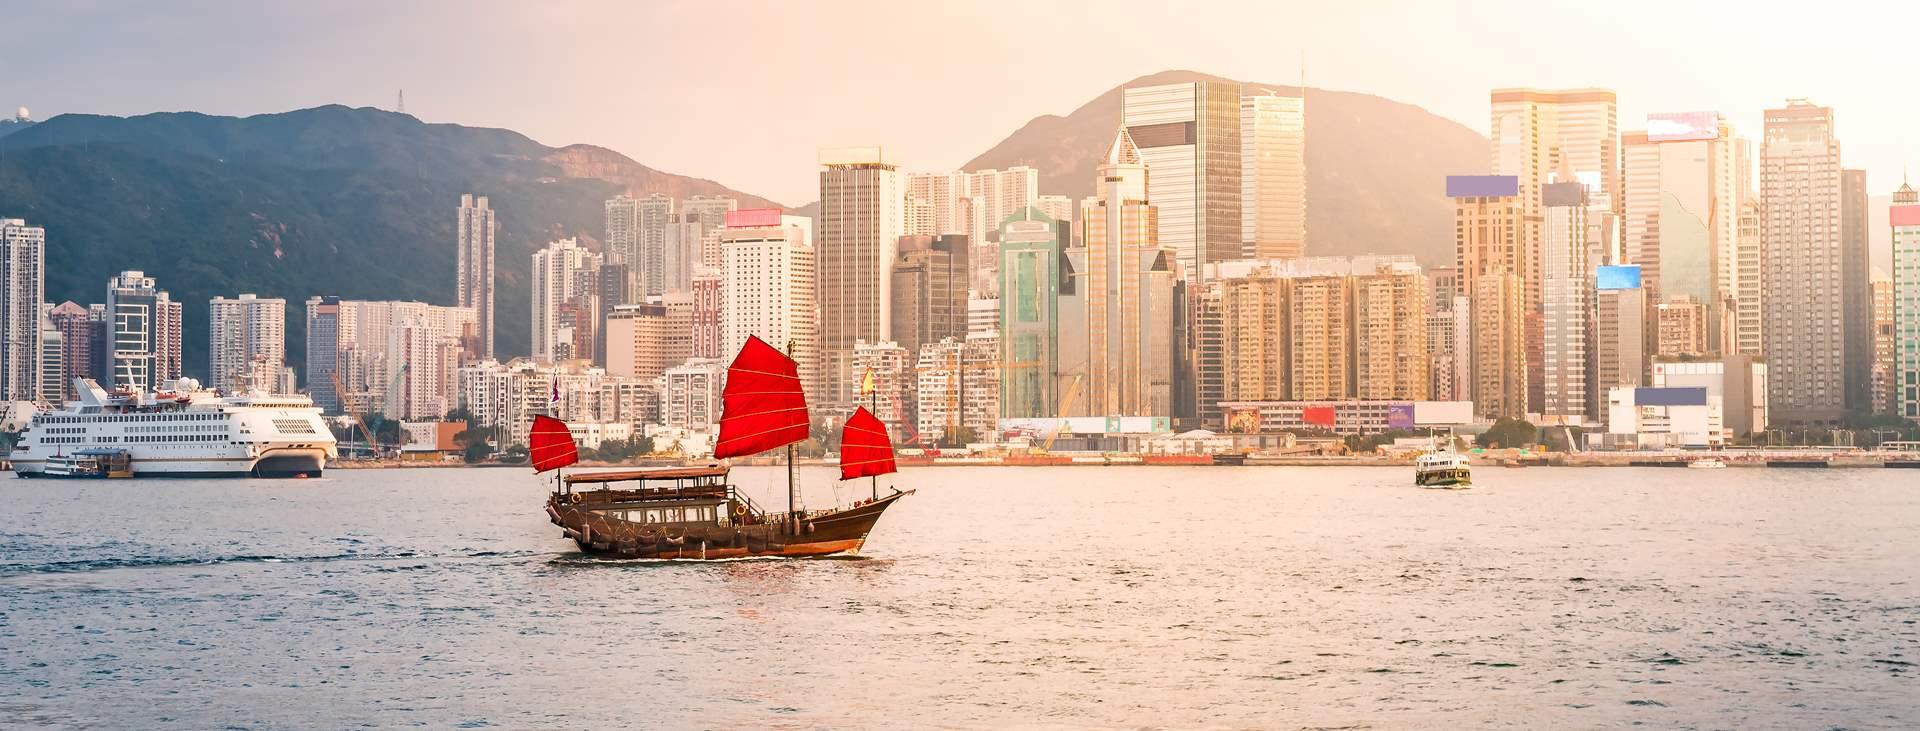 Boka din resa till Hong Kong med Ving